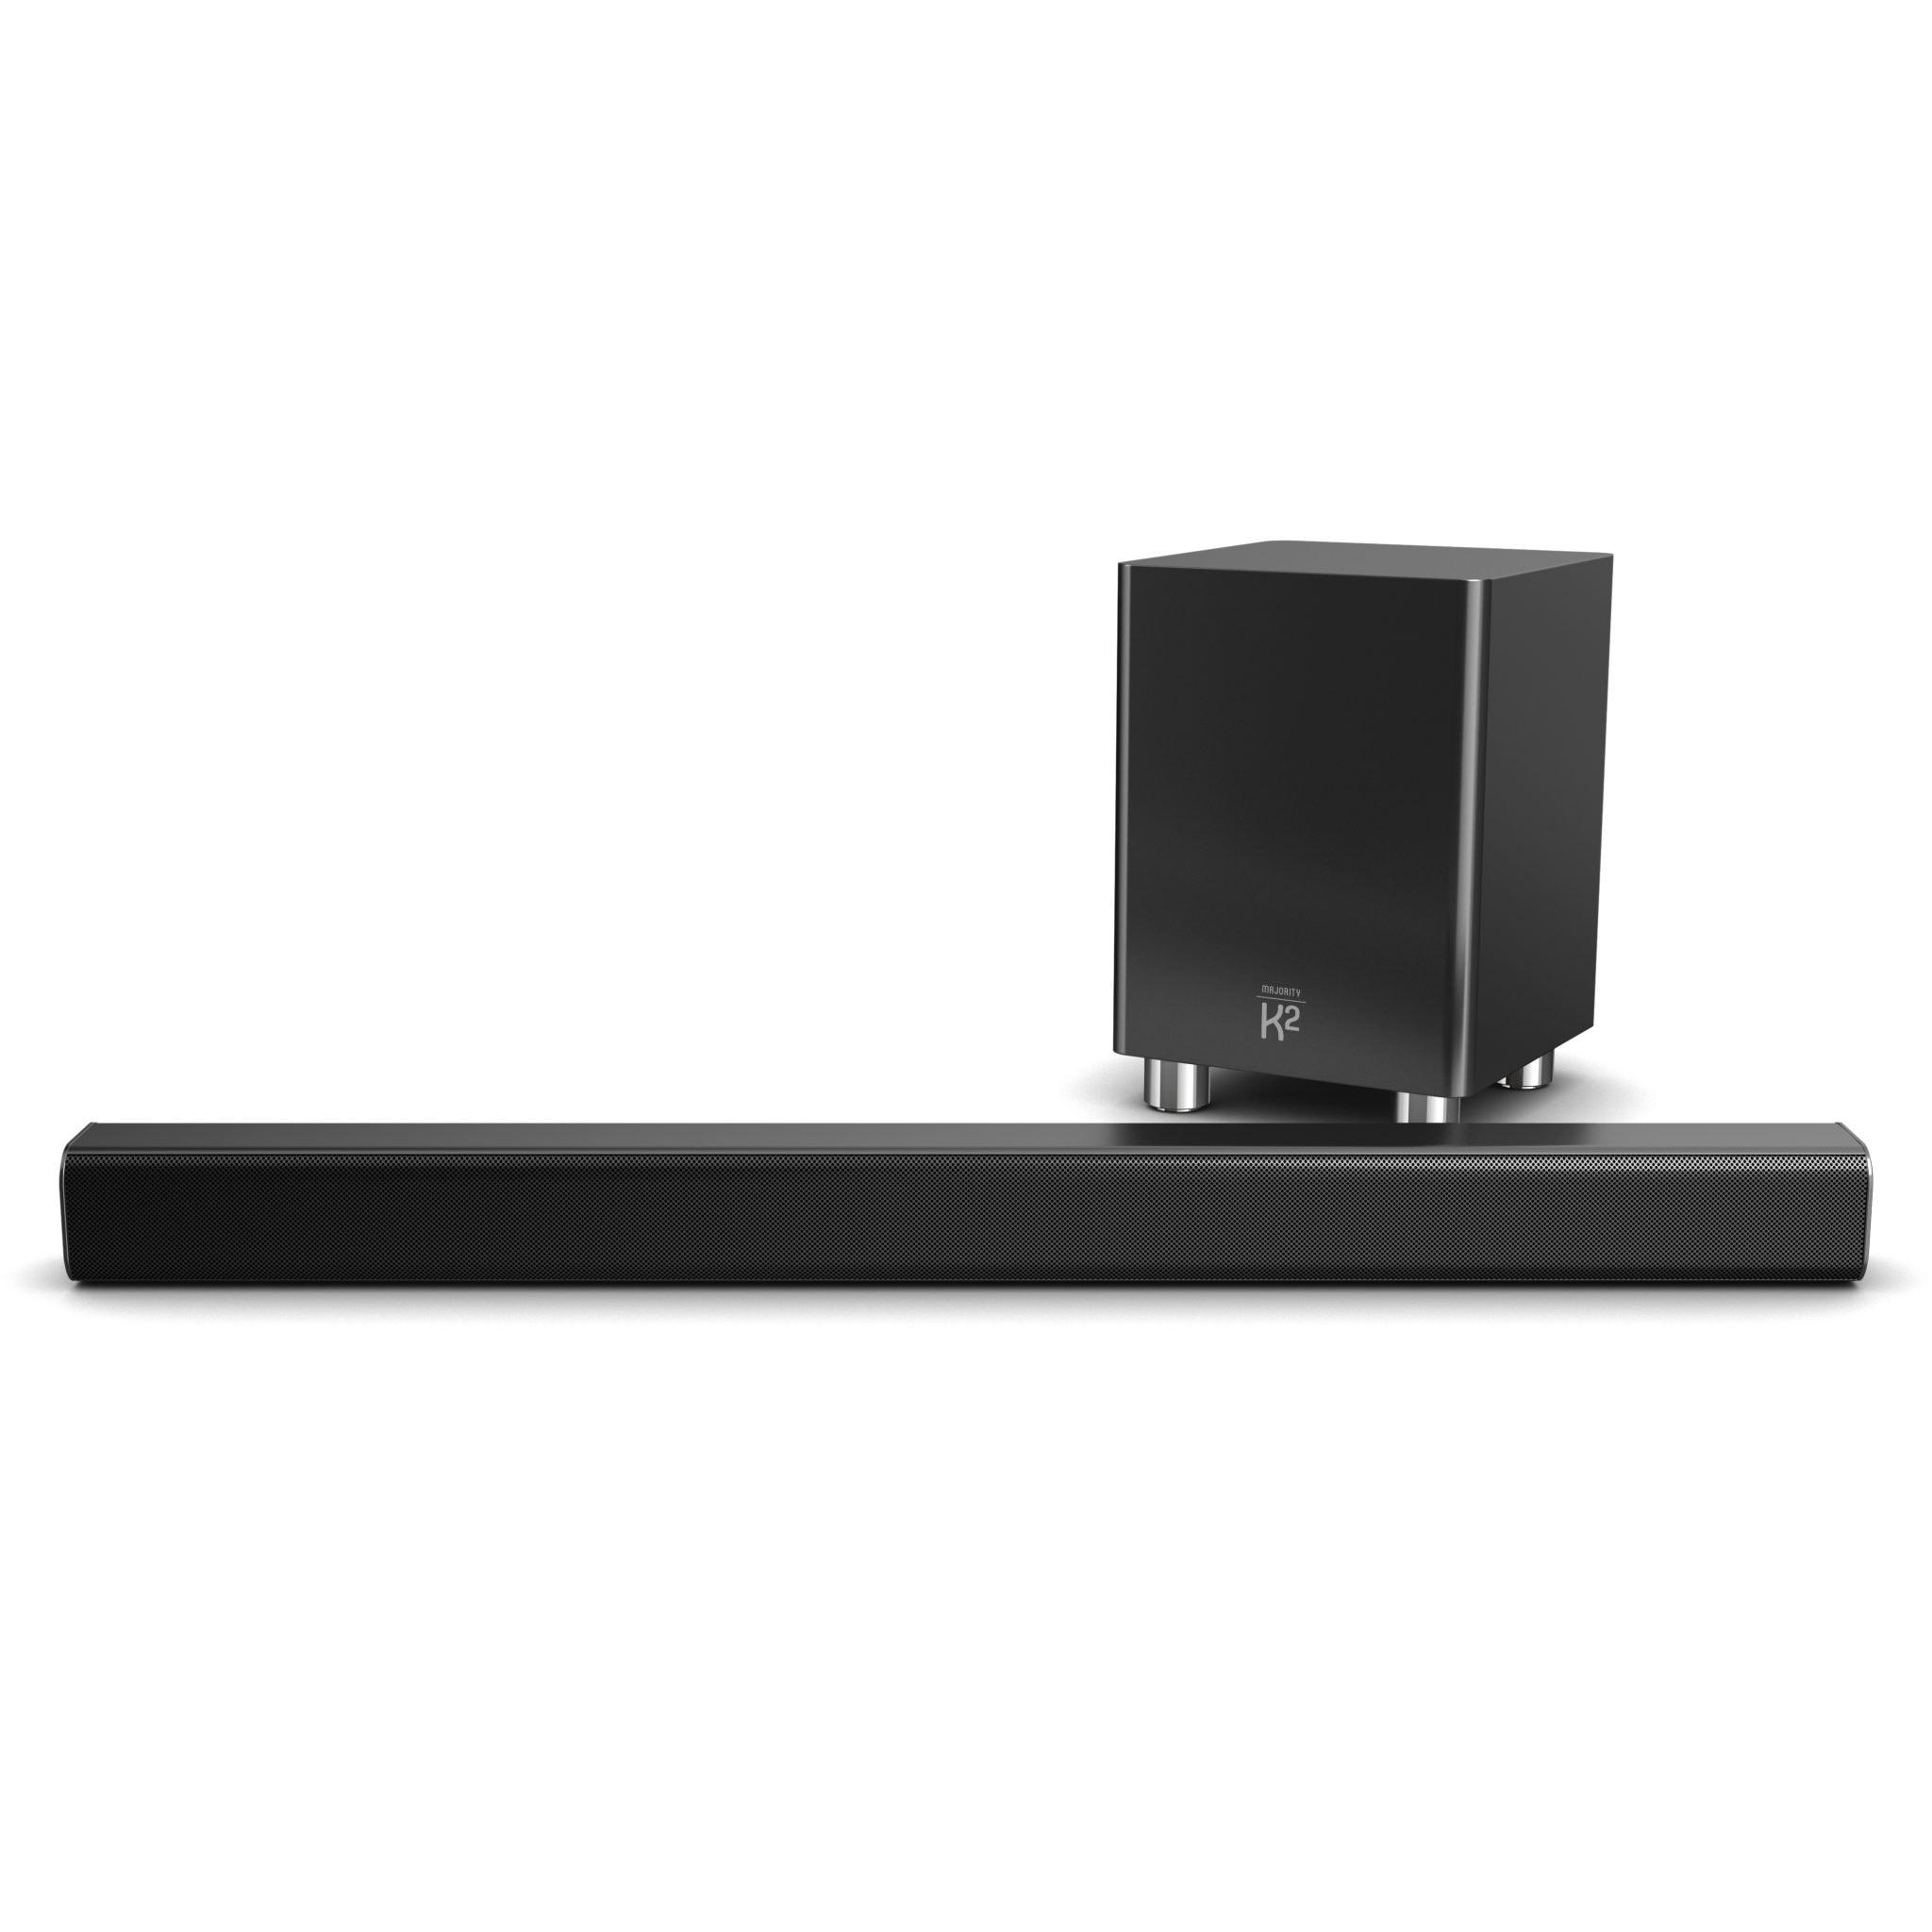 TV Sound Bar with Subwoofer - K2 Black Front